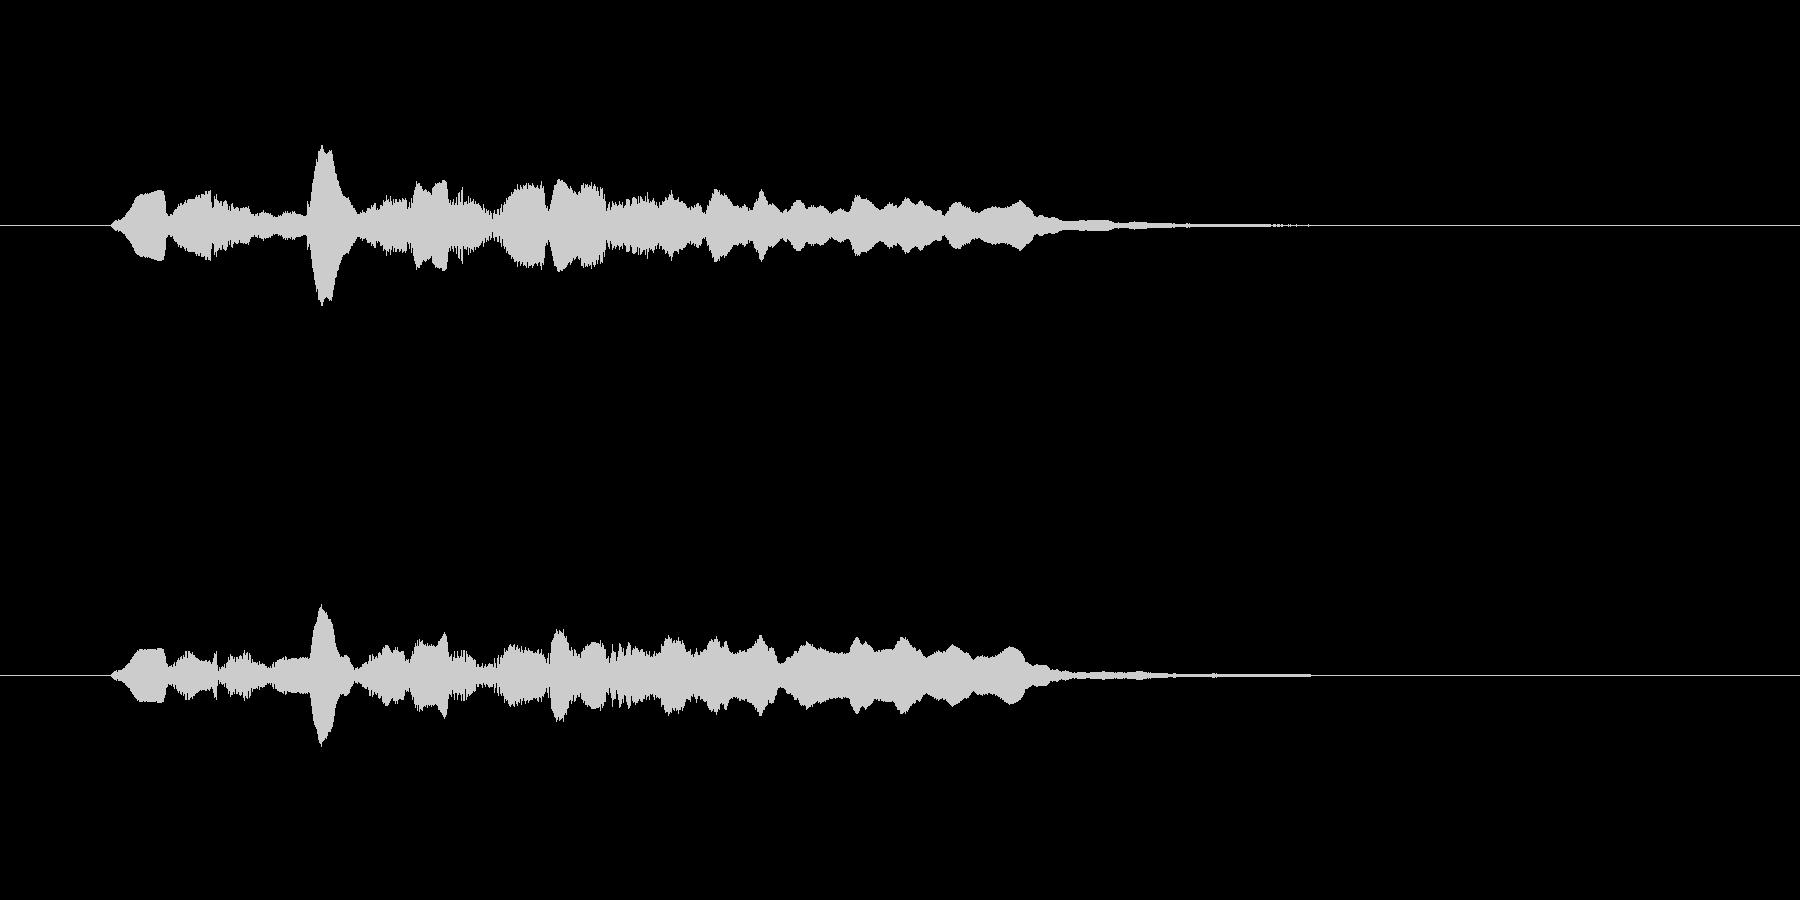 幻想的な笛の音の未再生の波形